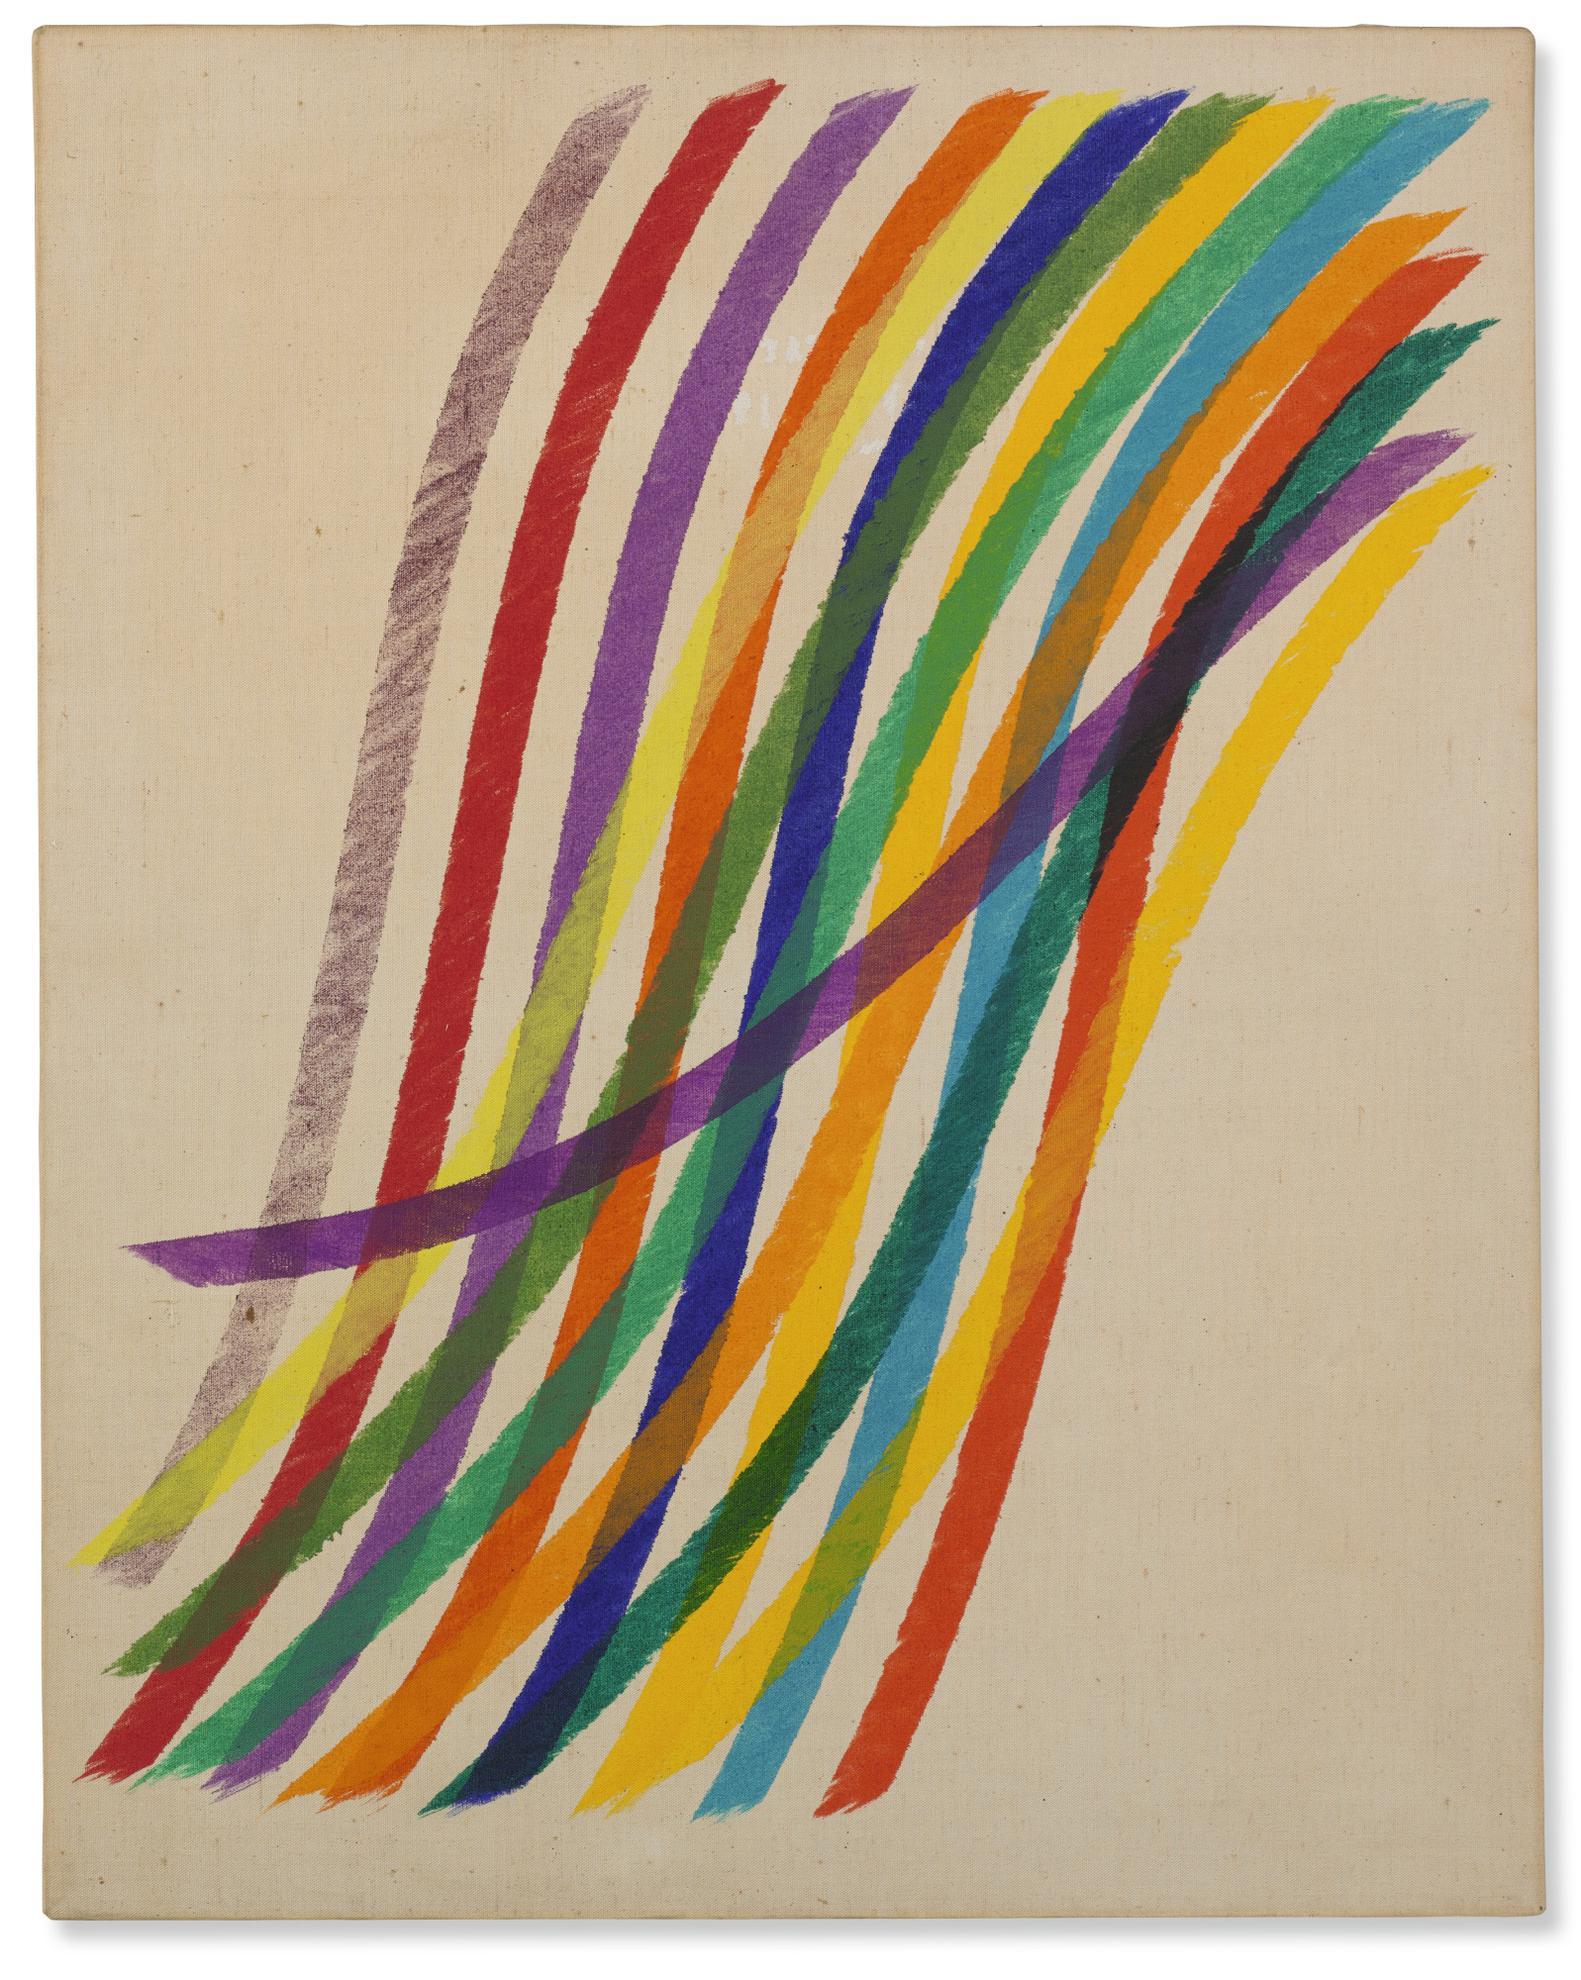 Piero Dorazio-Violetta-1966